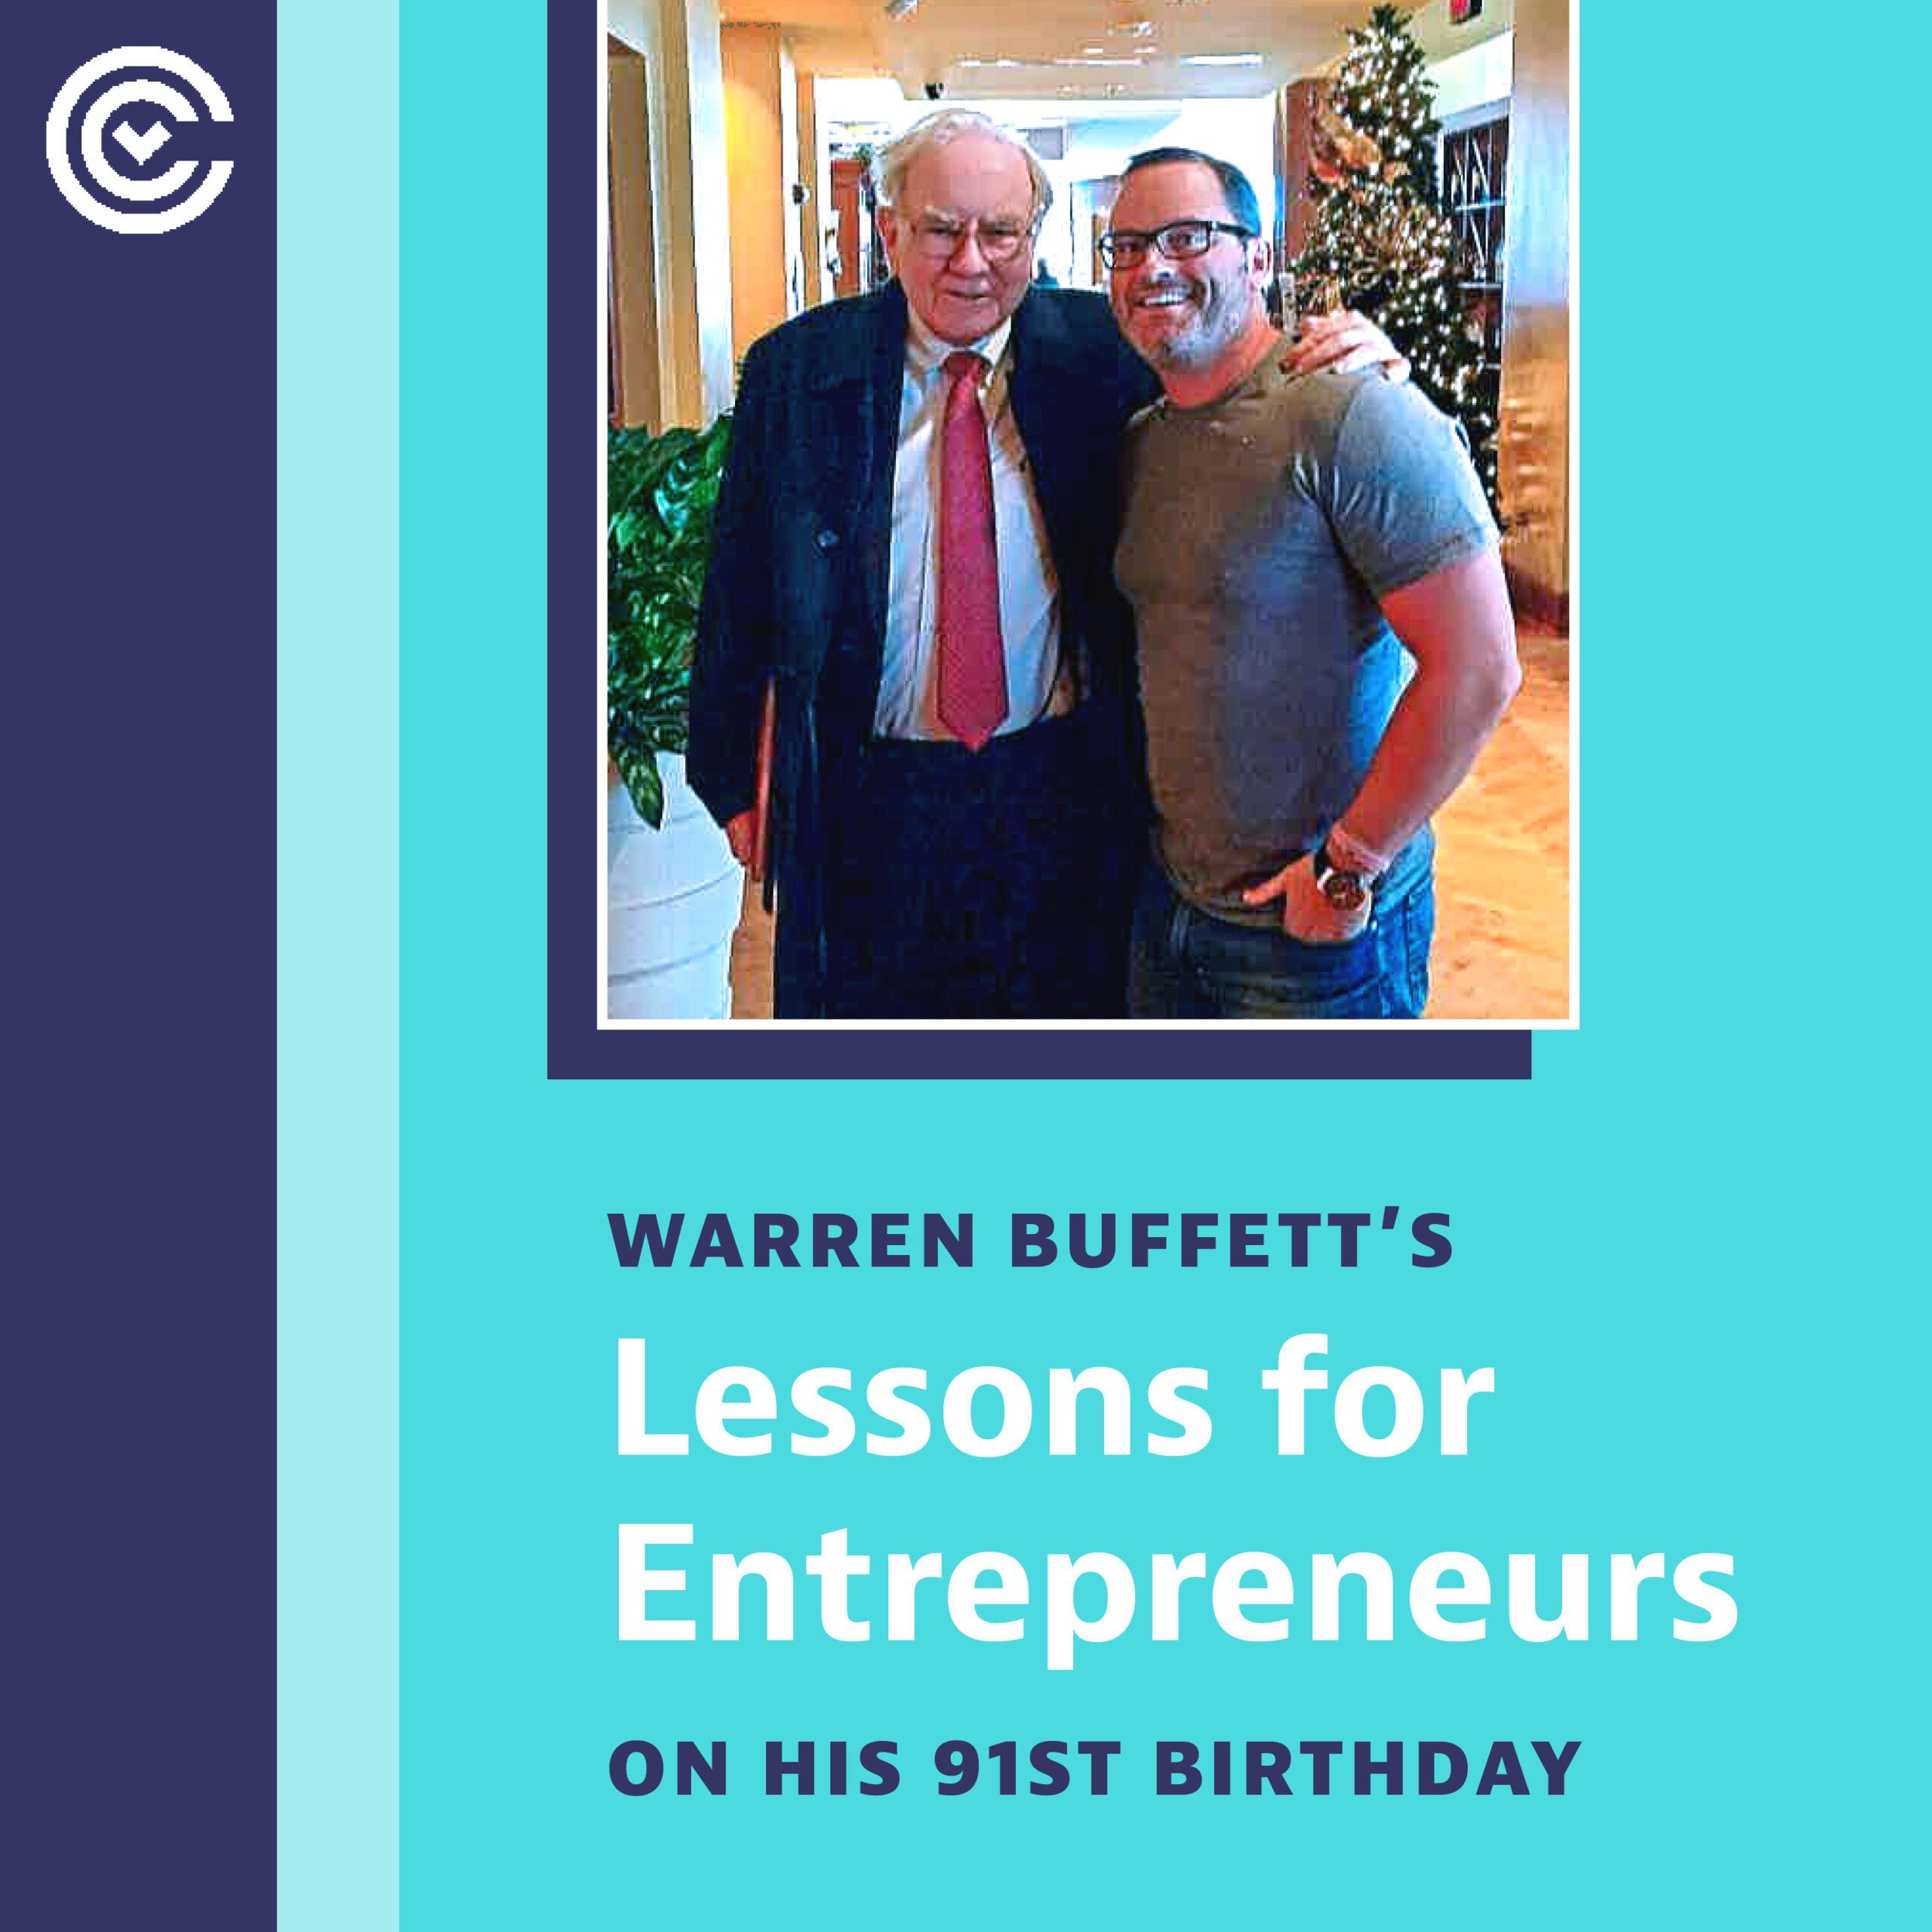 CLC Warren Buffett